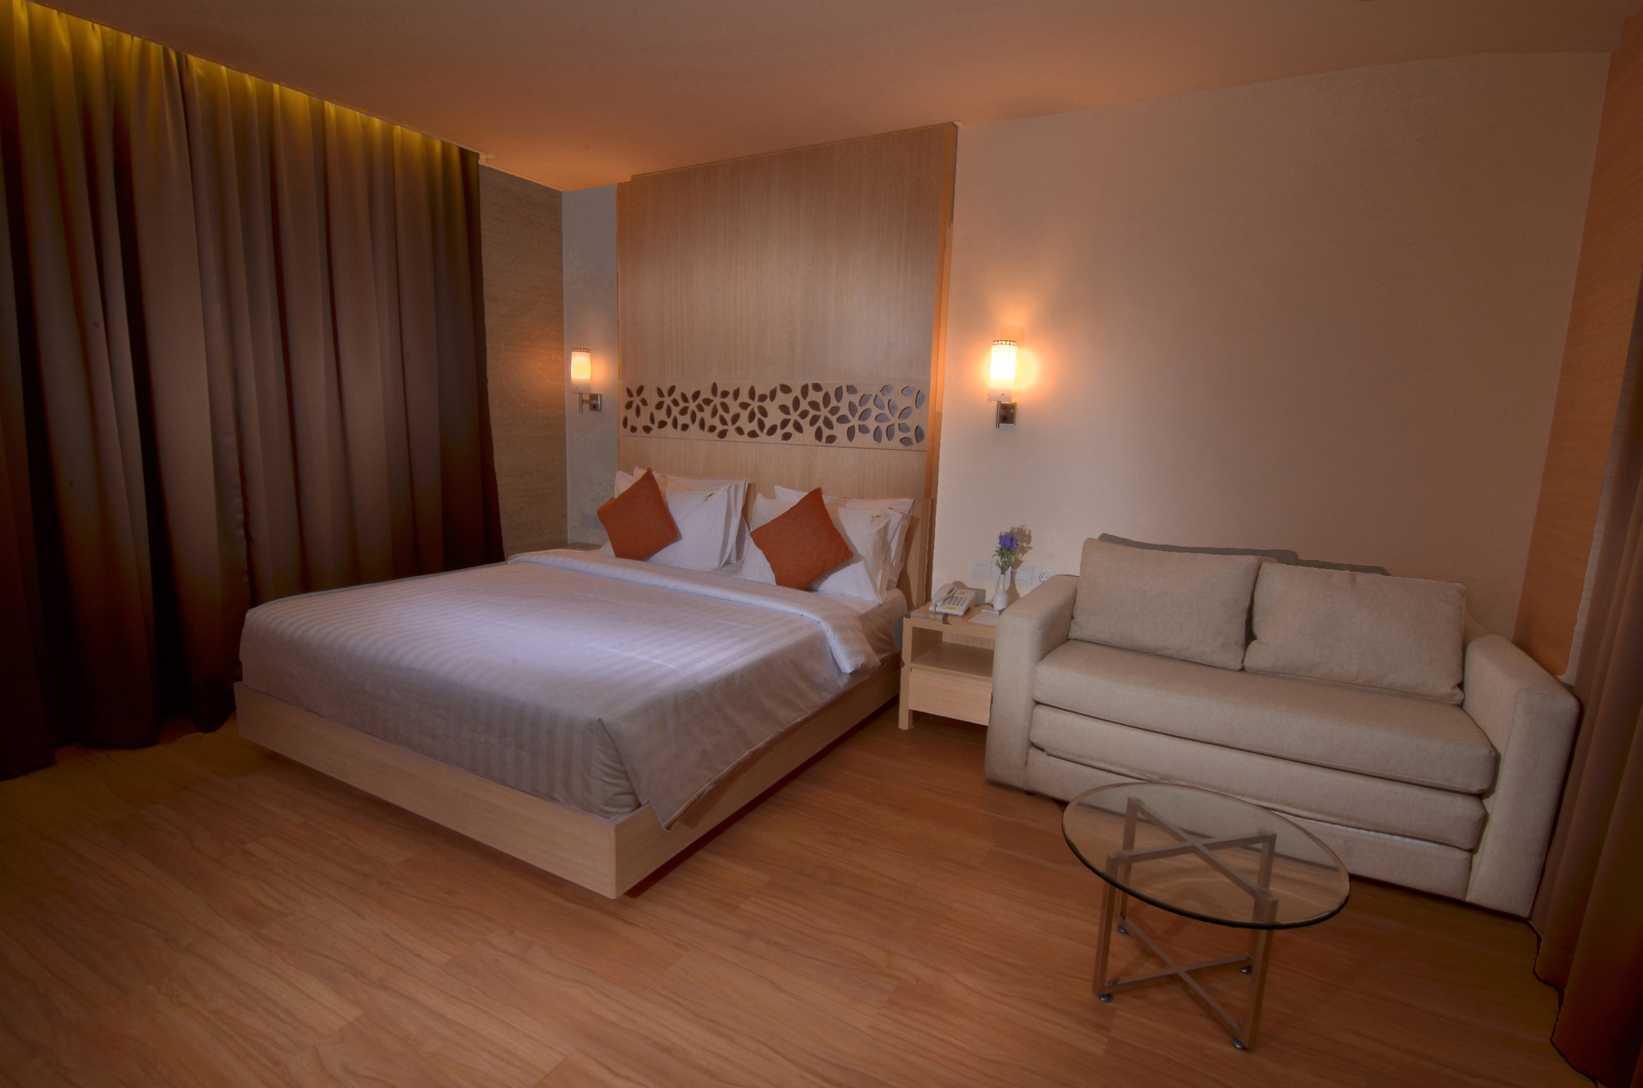 Foto inspirasi ide desain ruang keluarga asian A-n-j-a-r-s-i-t-e-k-aloha-suite-hotel oleh A N J A R S I T E K di Arsitag